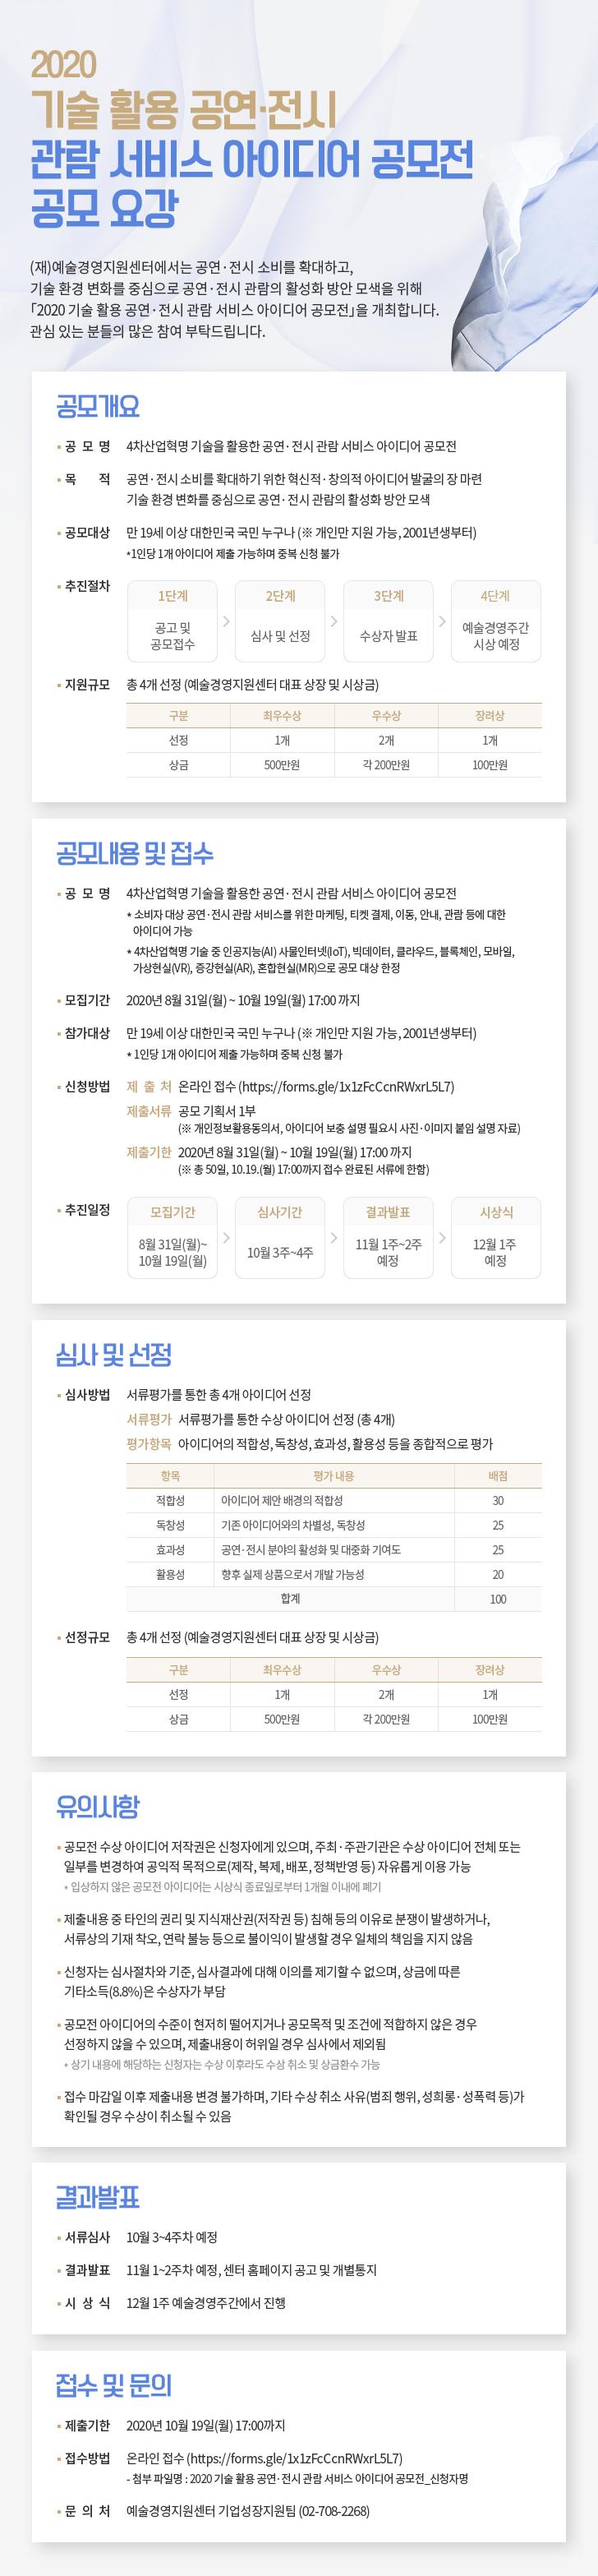 [예술경영지원센터]2020 기술 활용 공연·전시 관람 서비스 아이디어 공모전 공모 요강